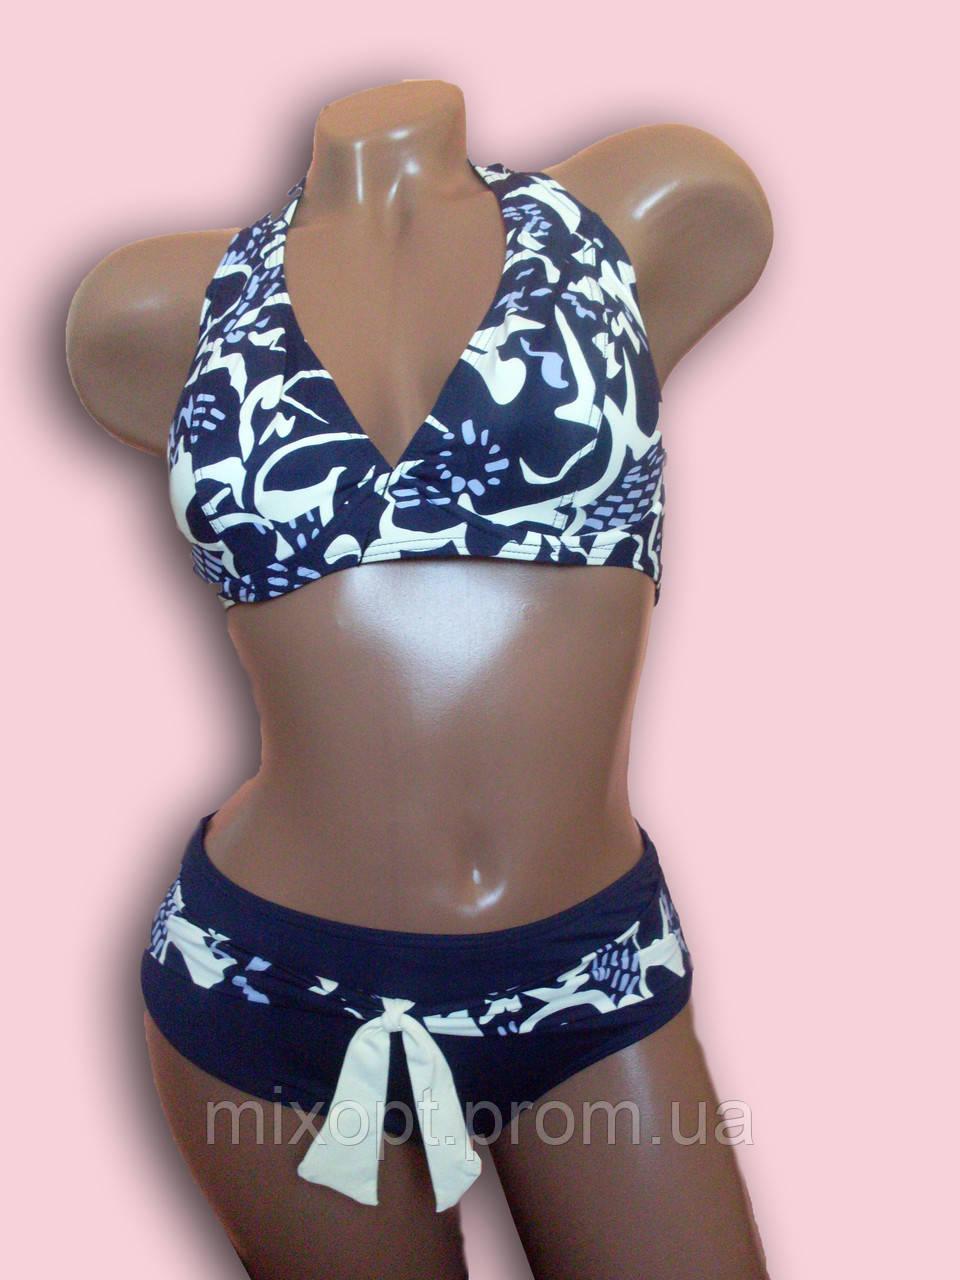 Женская Одежда Для Фитнеса Купить